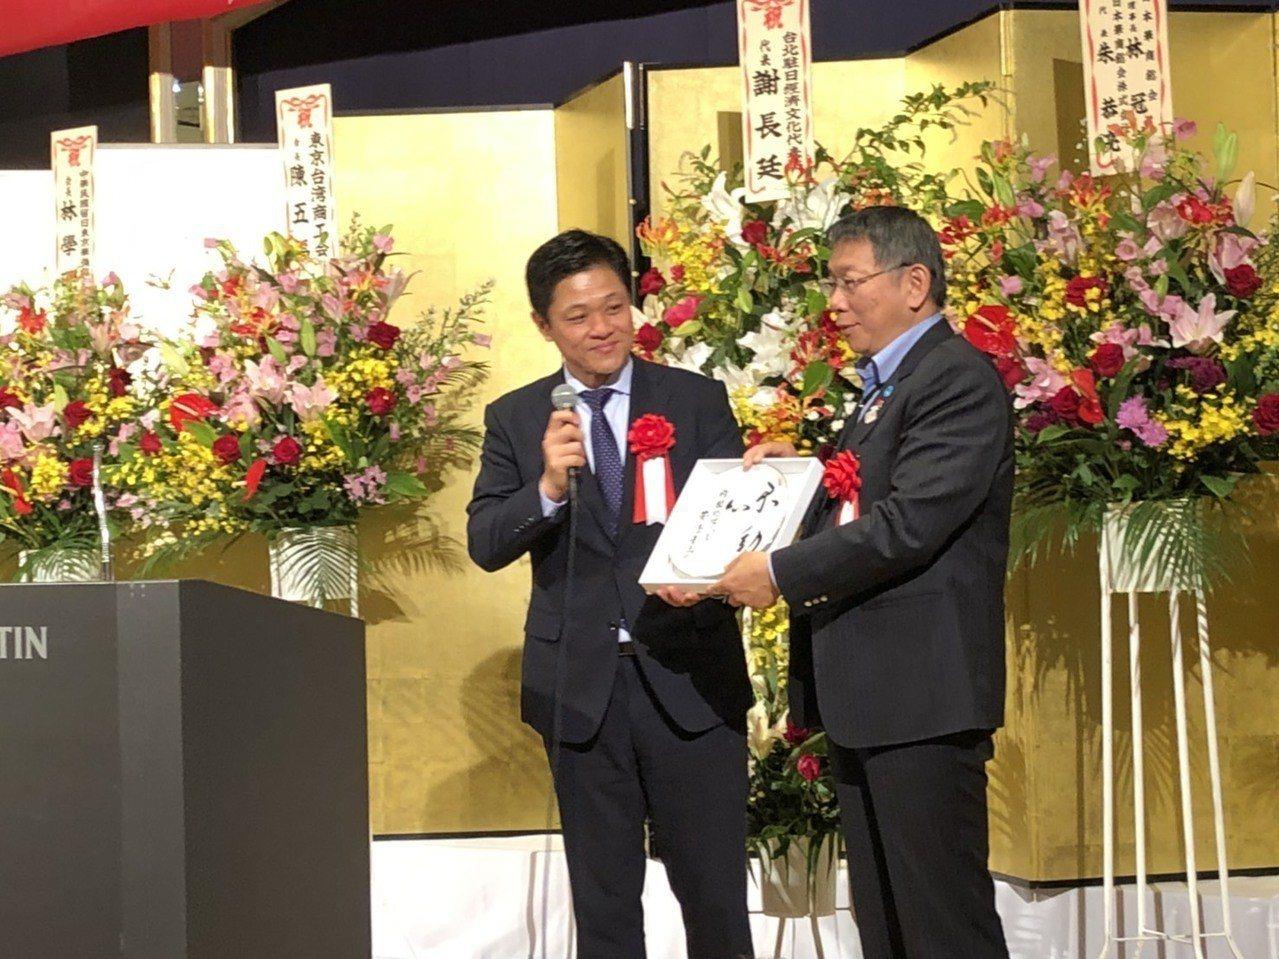 台北市長柯文哲訪日第二天,今晚出席東京台灣商工會舉辦的歡迎晚宴,商公會送上由日本...